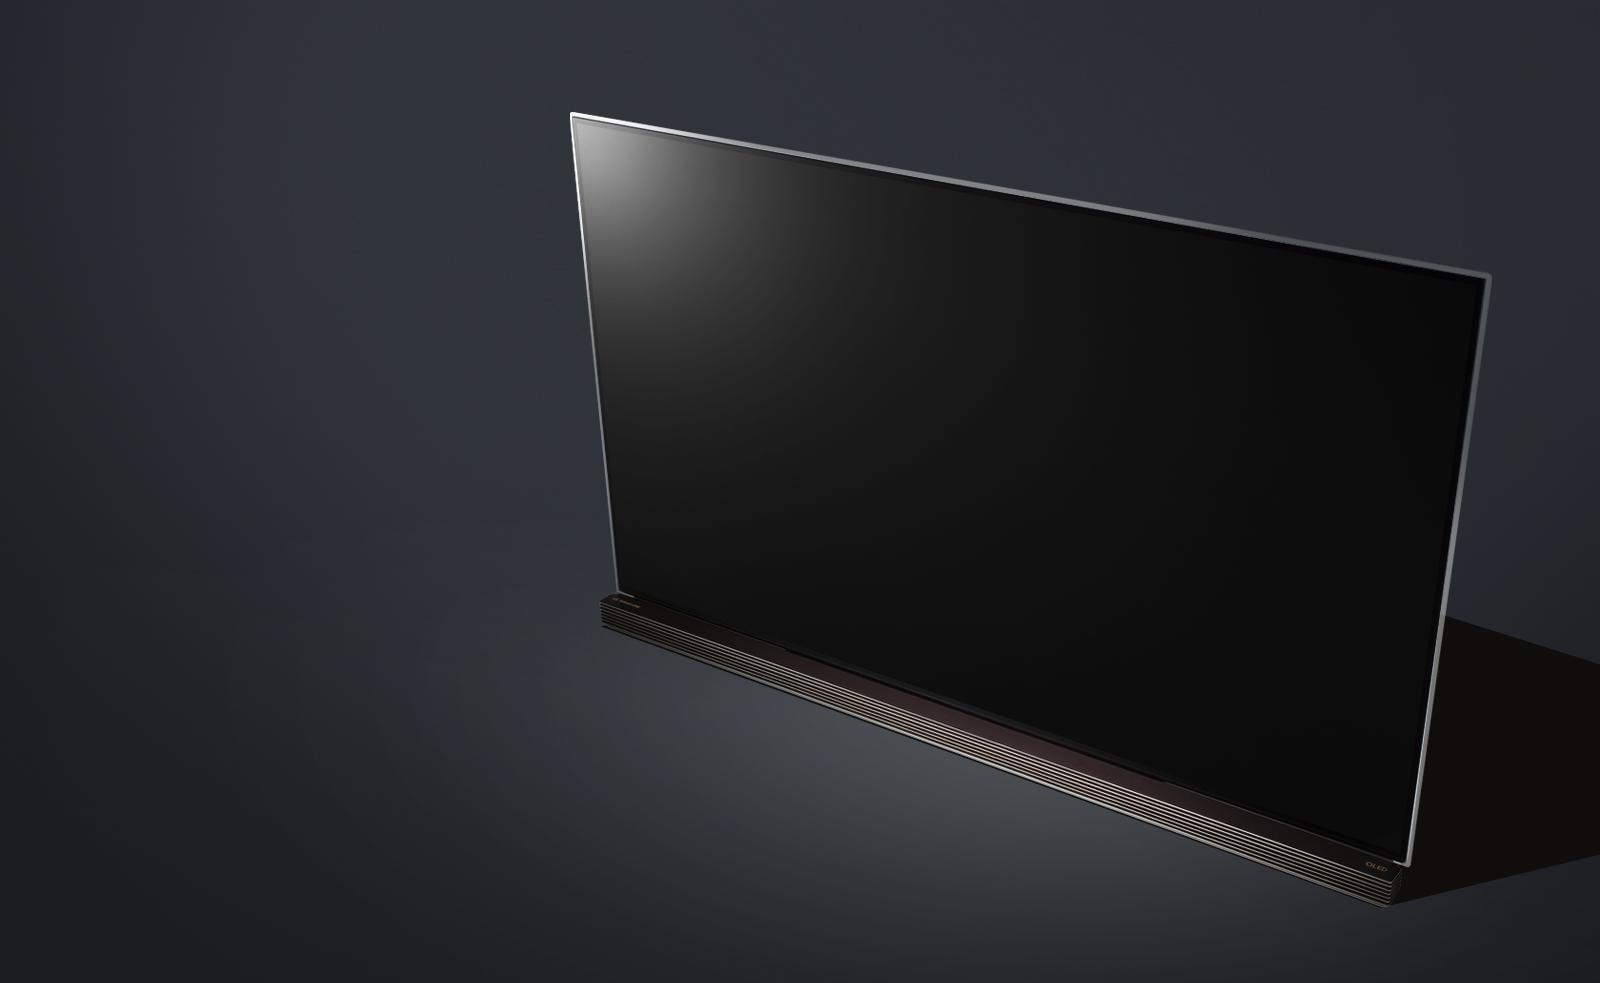 lg oled65g6p lg signature g6 65 inch oled 4k smart tv lg usa. Black Bedroom Furniture Sets. Home Design Ideas